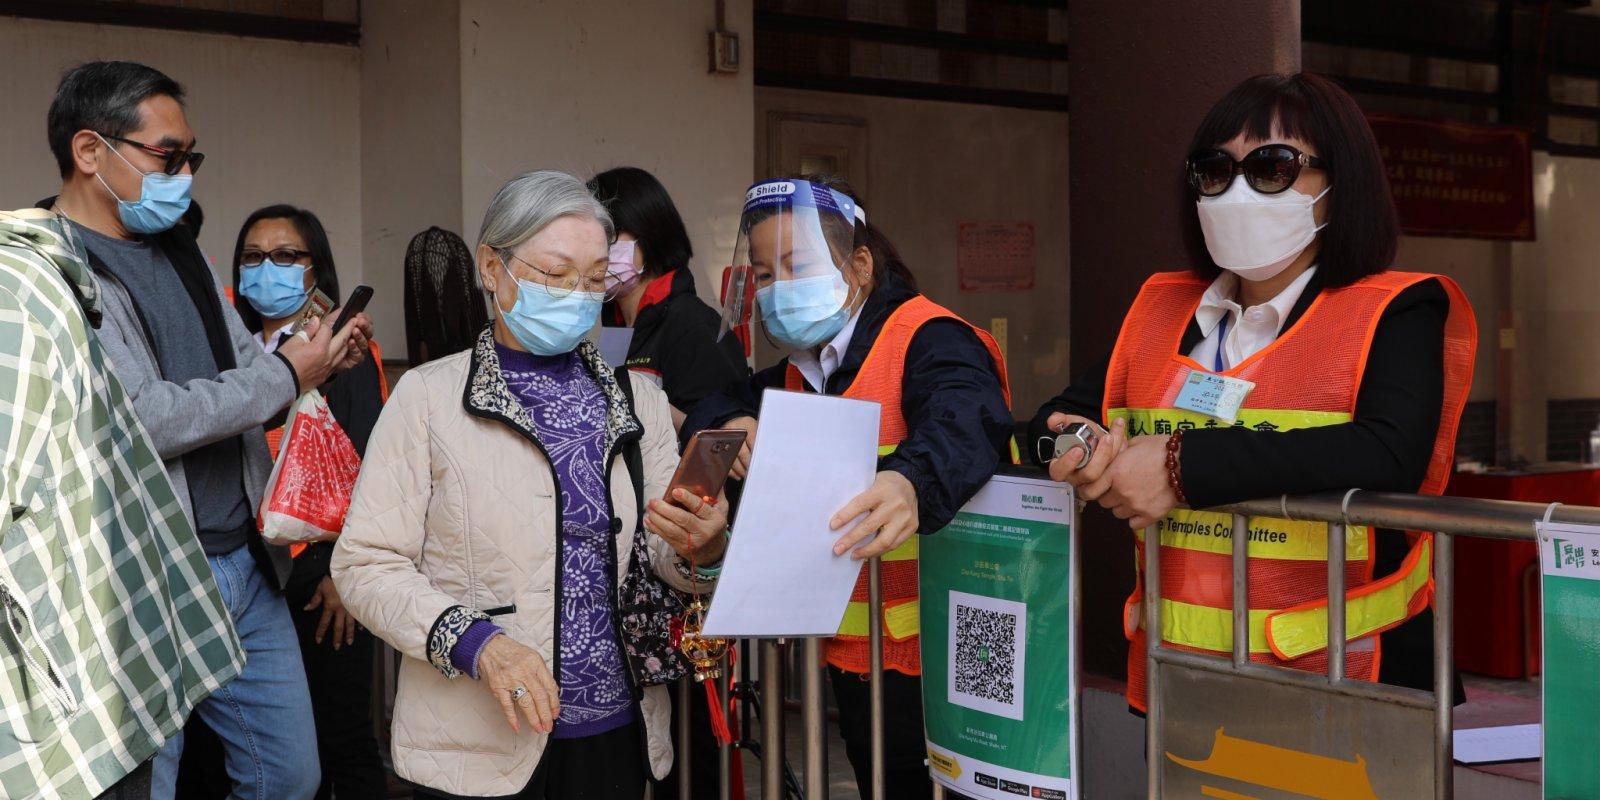 Coronavirus | HK reports 17 new cases, six untraceable